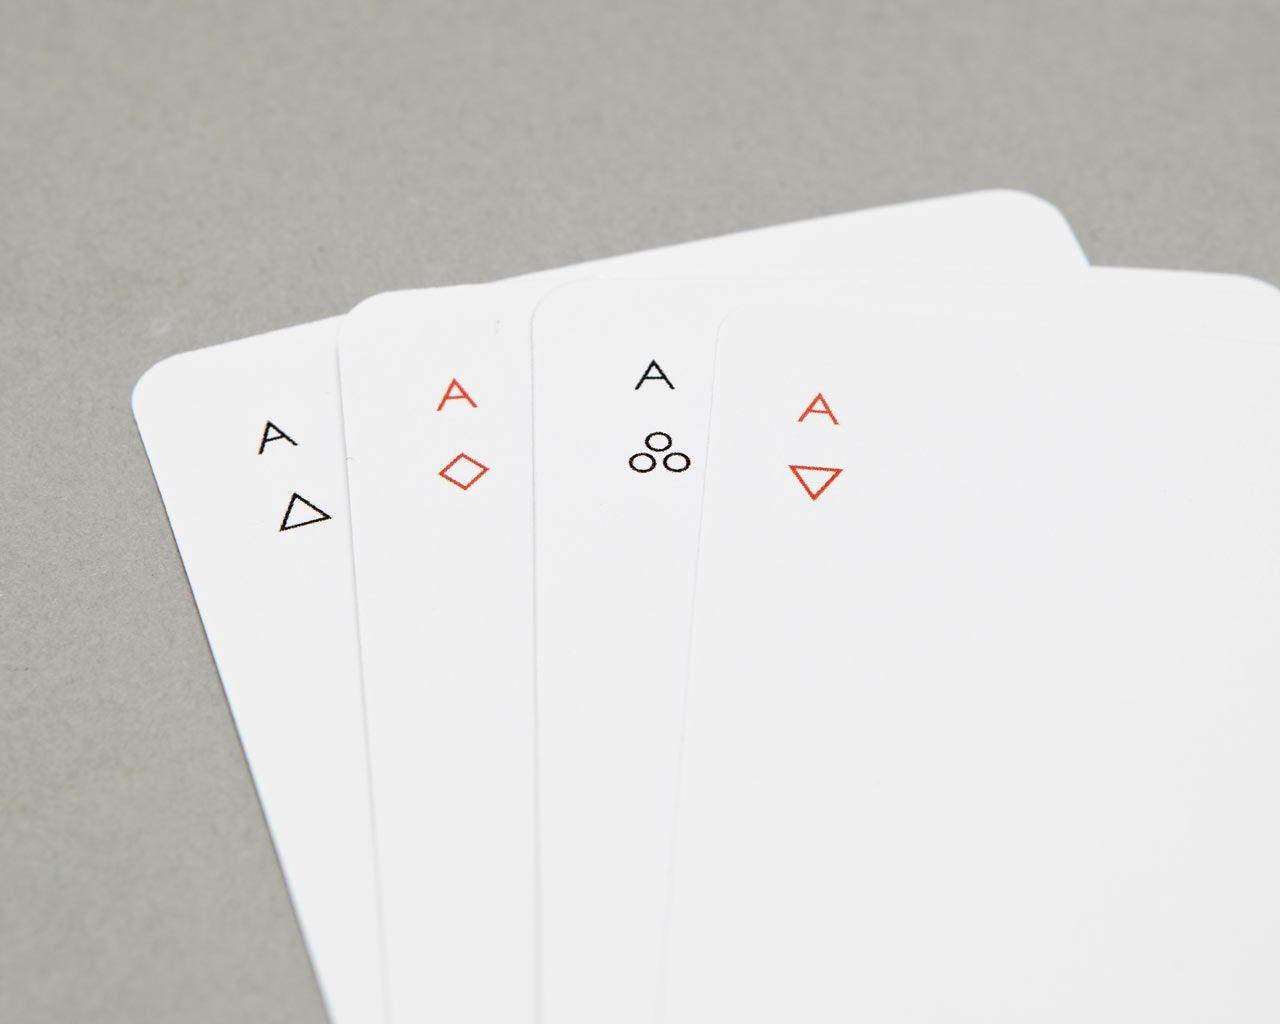 Картинки по запросу дизайн игральных карт | Дизайн карты ...